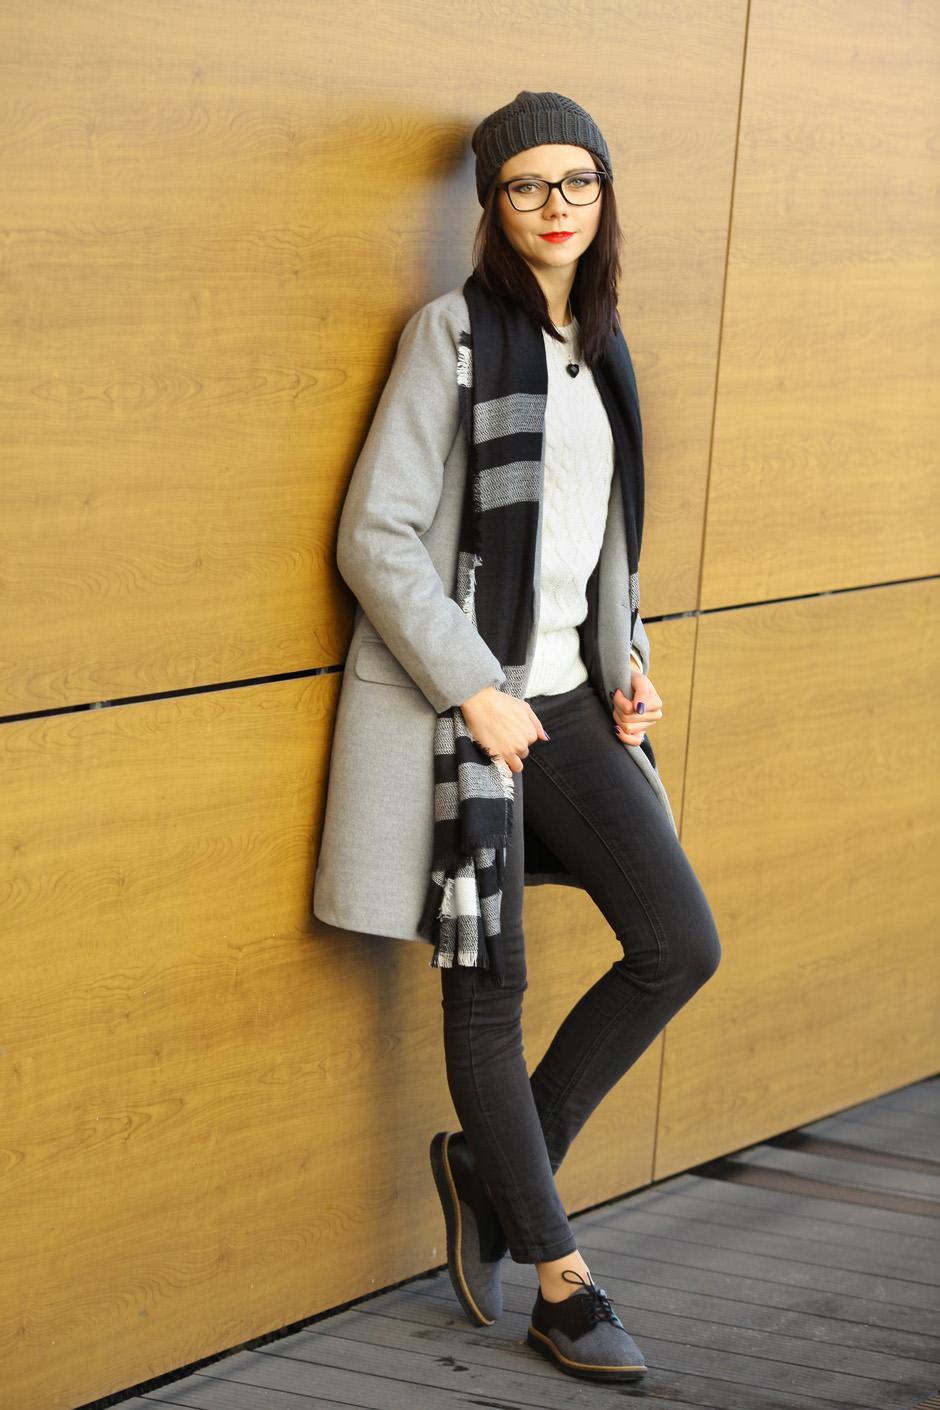 zimowa-stylizacja-filcowe-buty-clarks-bialy-sweter-i-wisior-z-wegla-31